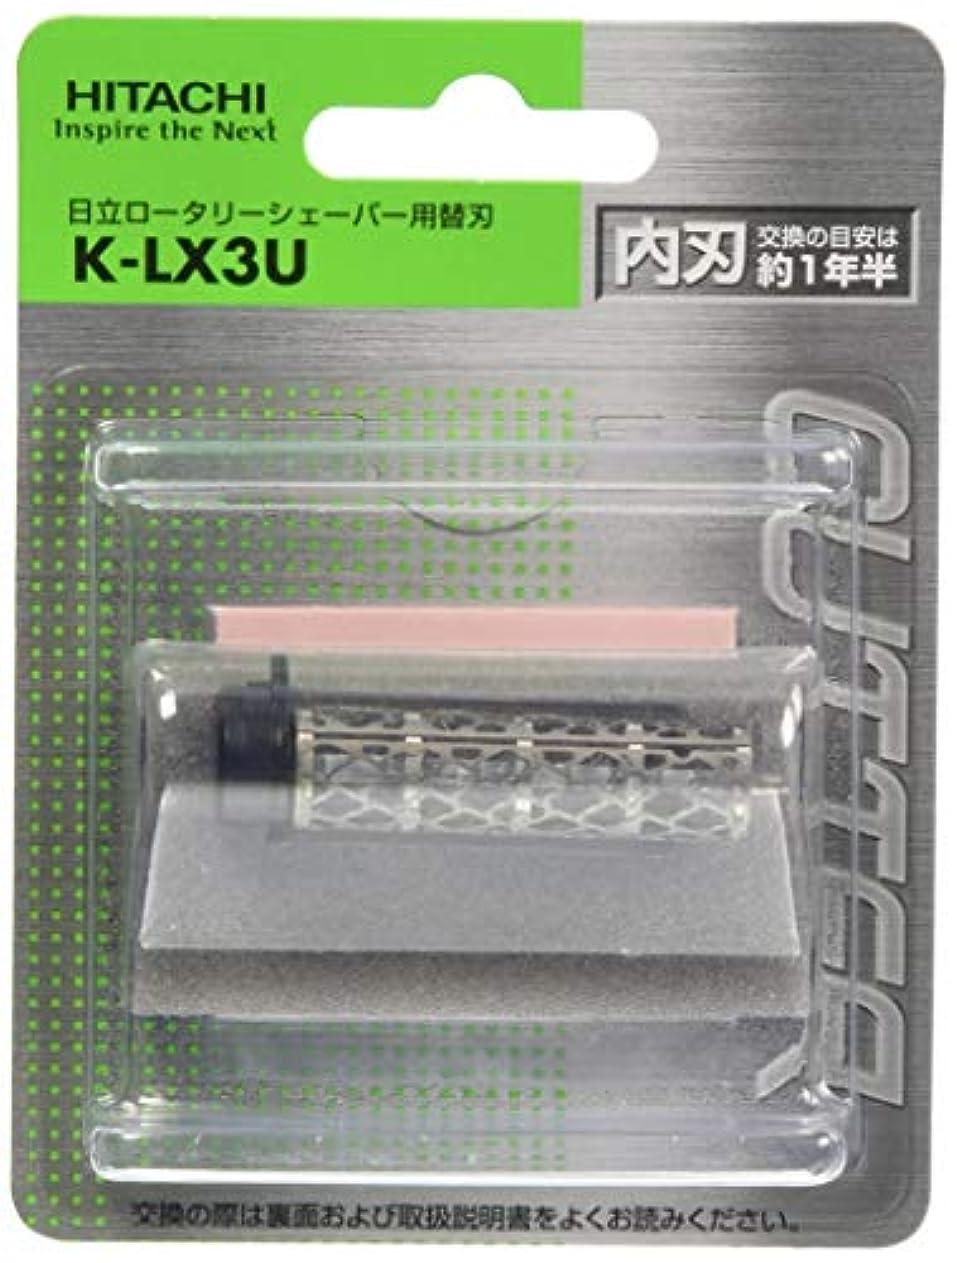 迷惑絡み合い哲学博士日立 シェーバー用替刃(内刃) K-LX3U